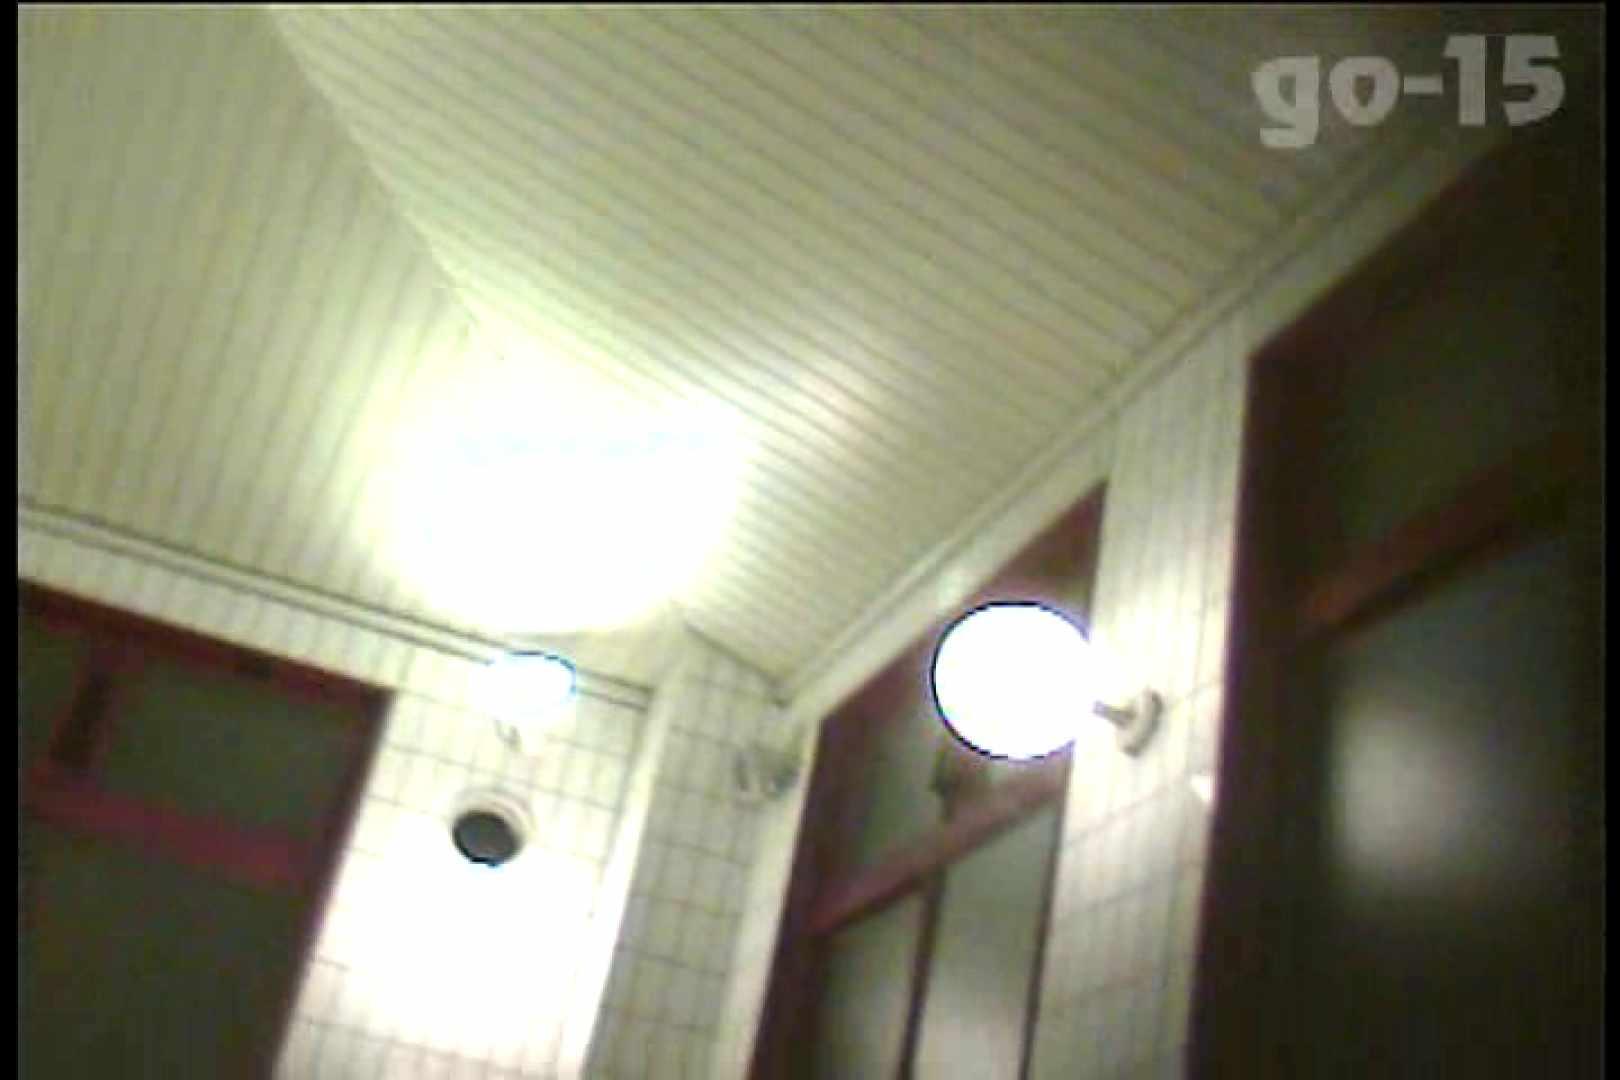 電波カメラ設置浴場からの防HAN映像 Vol.15 盛合せ | お姉さん攻略  66画像 37